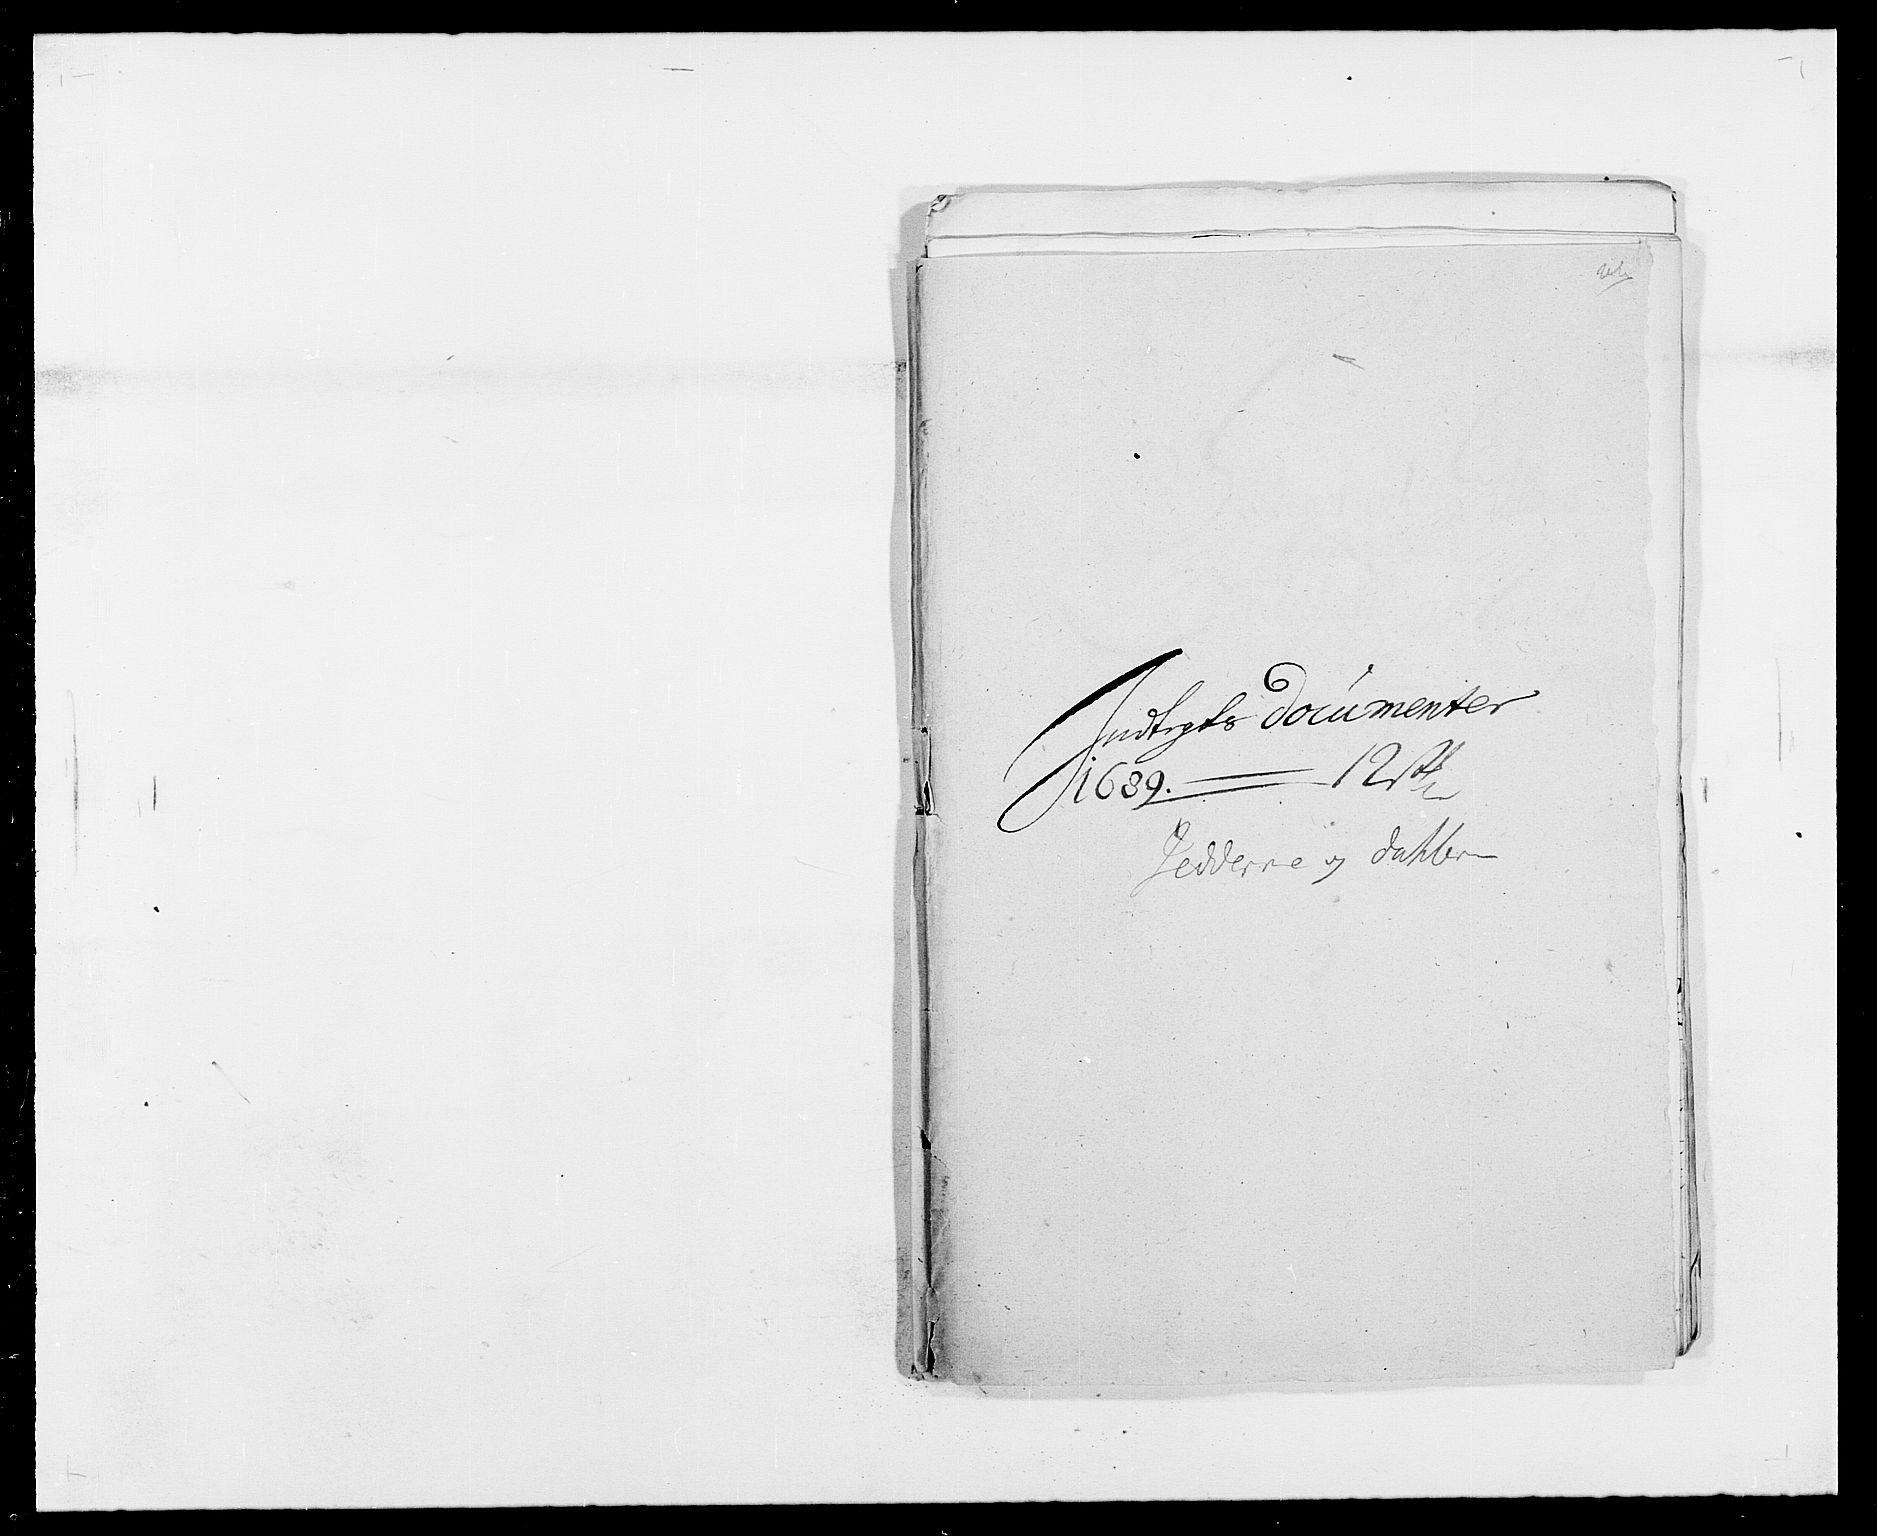 RA, Rentekammeret inntil 1814, Reviderte regnskaper, Fogderegnskap, R46/L2726: Fogderegnskap Jæren og Dalane, 1686-1689, s. 326